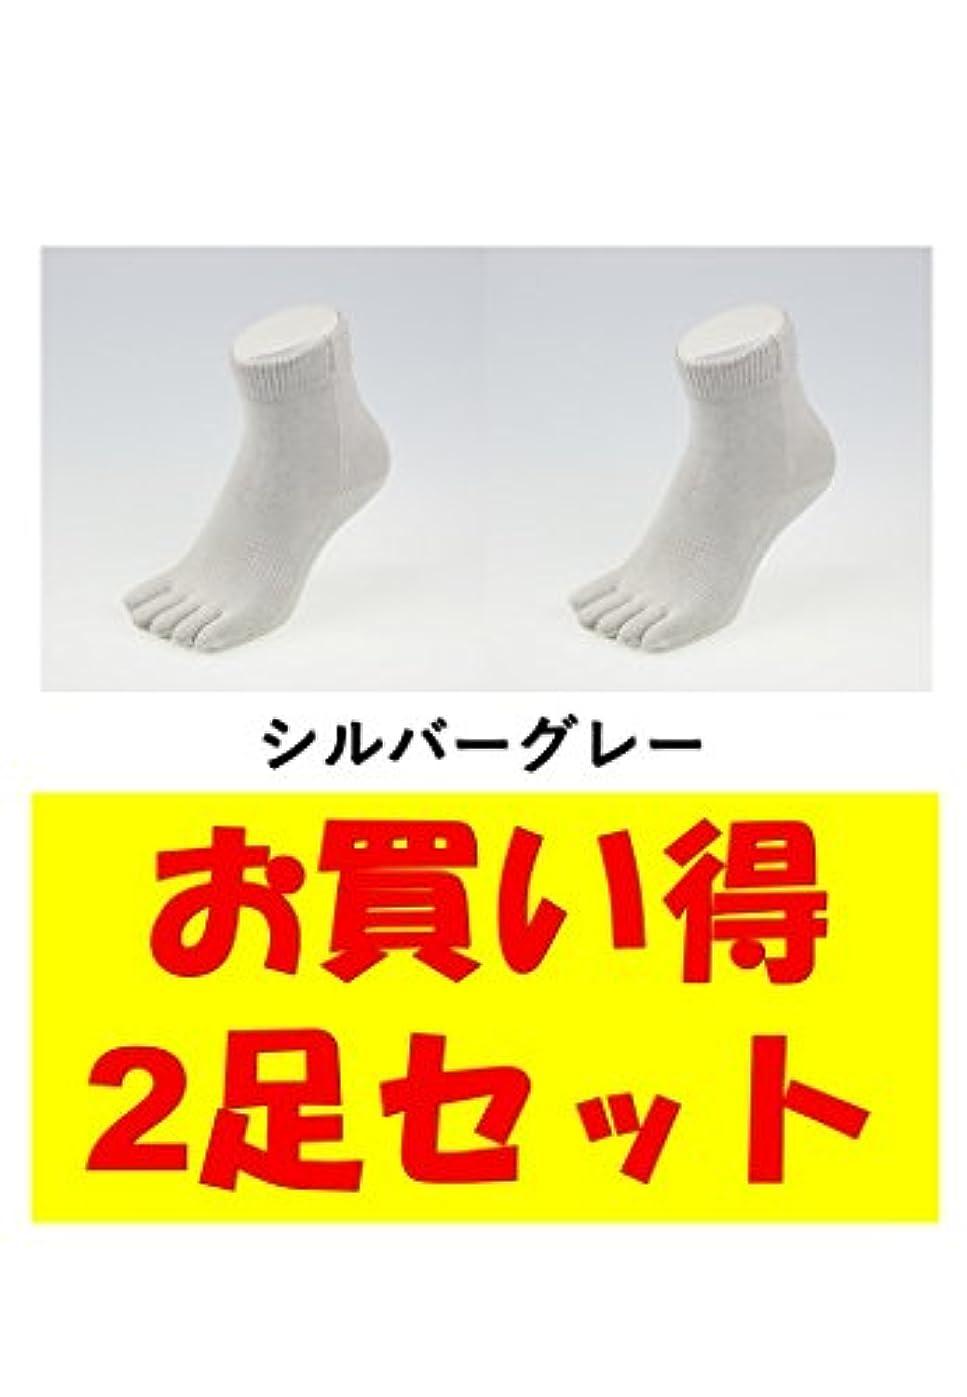 鉛筆幹評論家お買い得2足セット 5本指 ゆびのばソックス Neo EVE(イヴ) シルバーグレー iサイズ(23.5cm - 25.5cm) YSNEVE-SGL